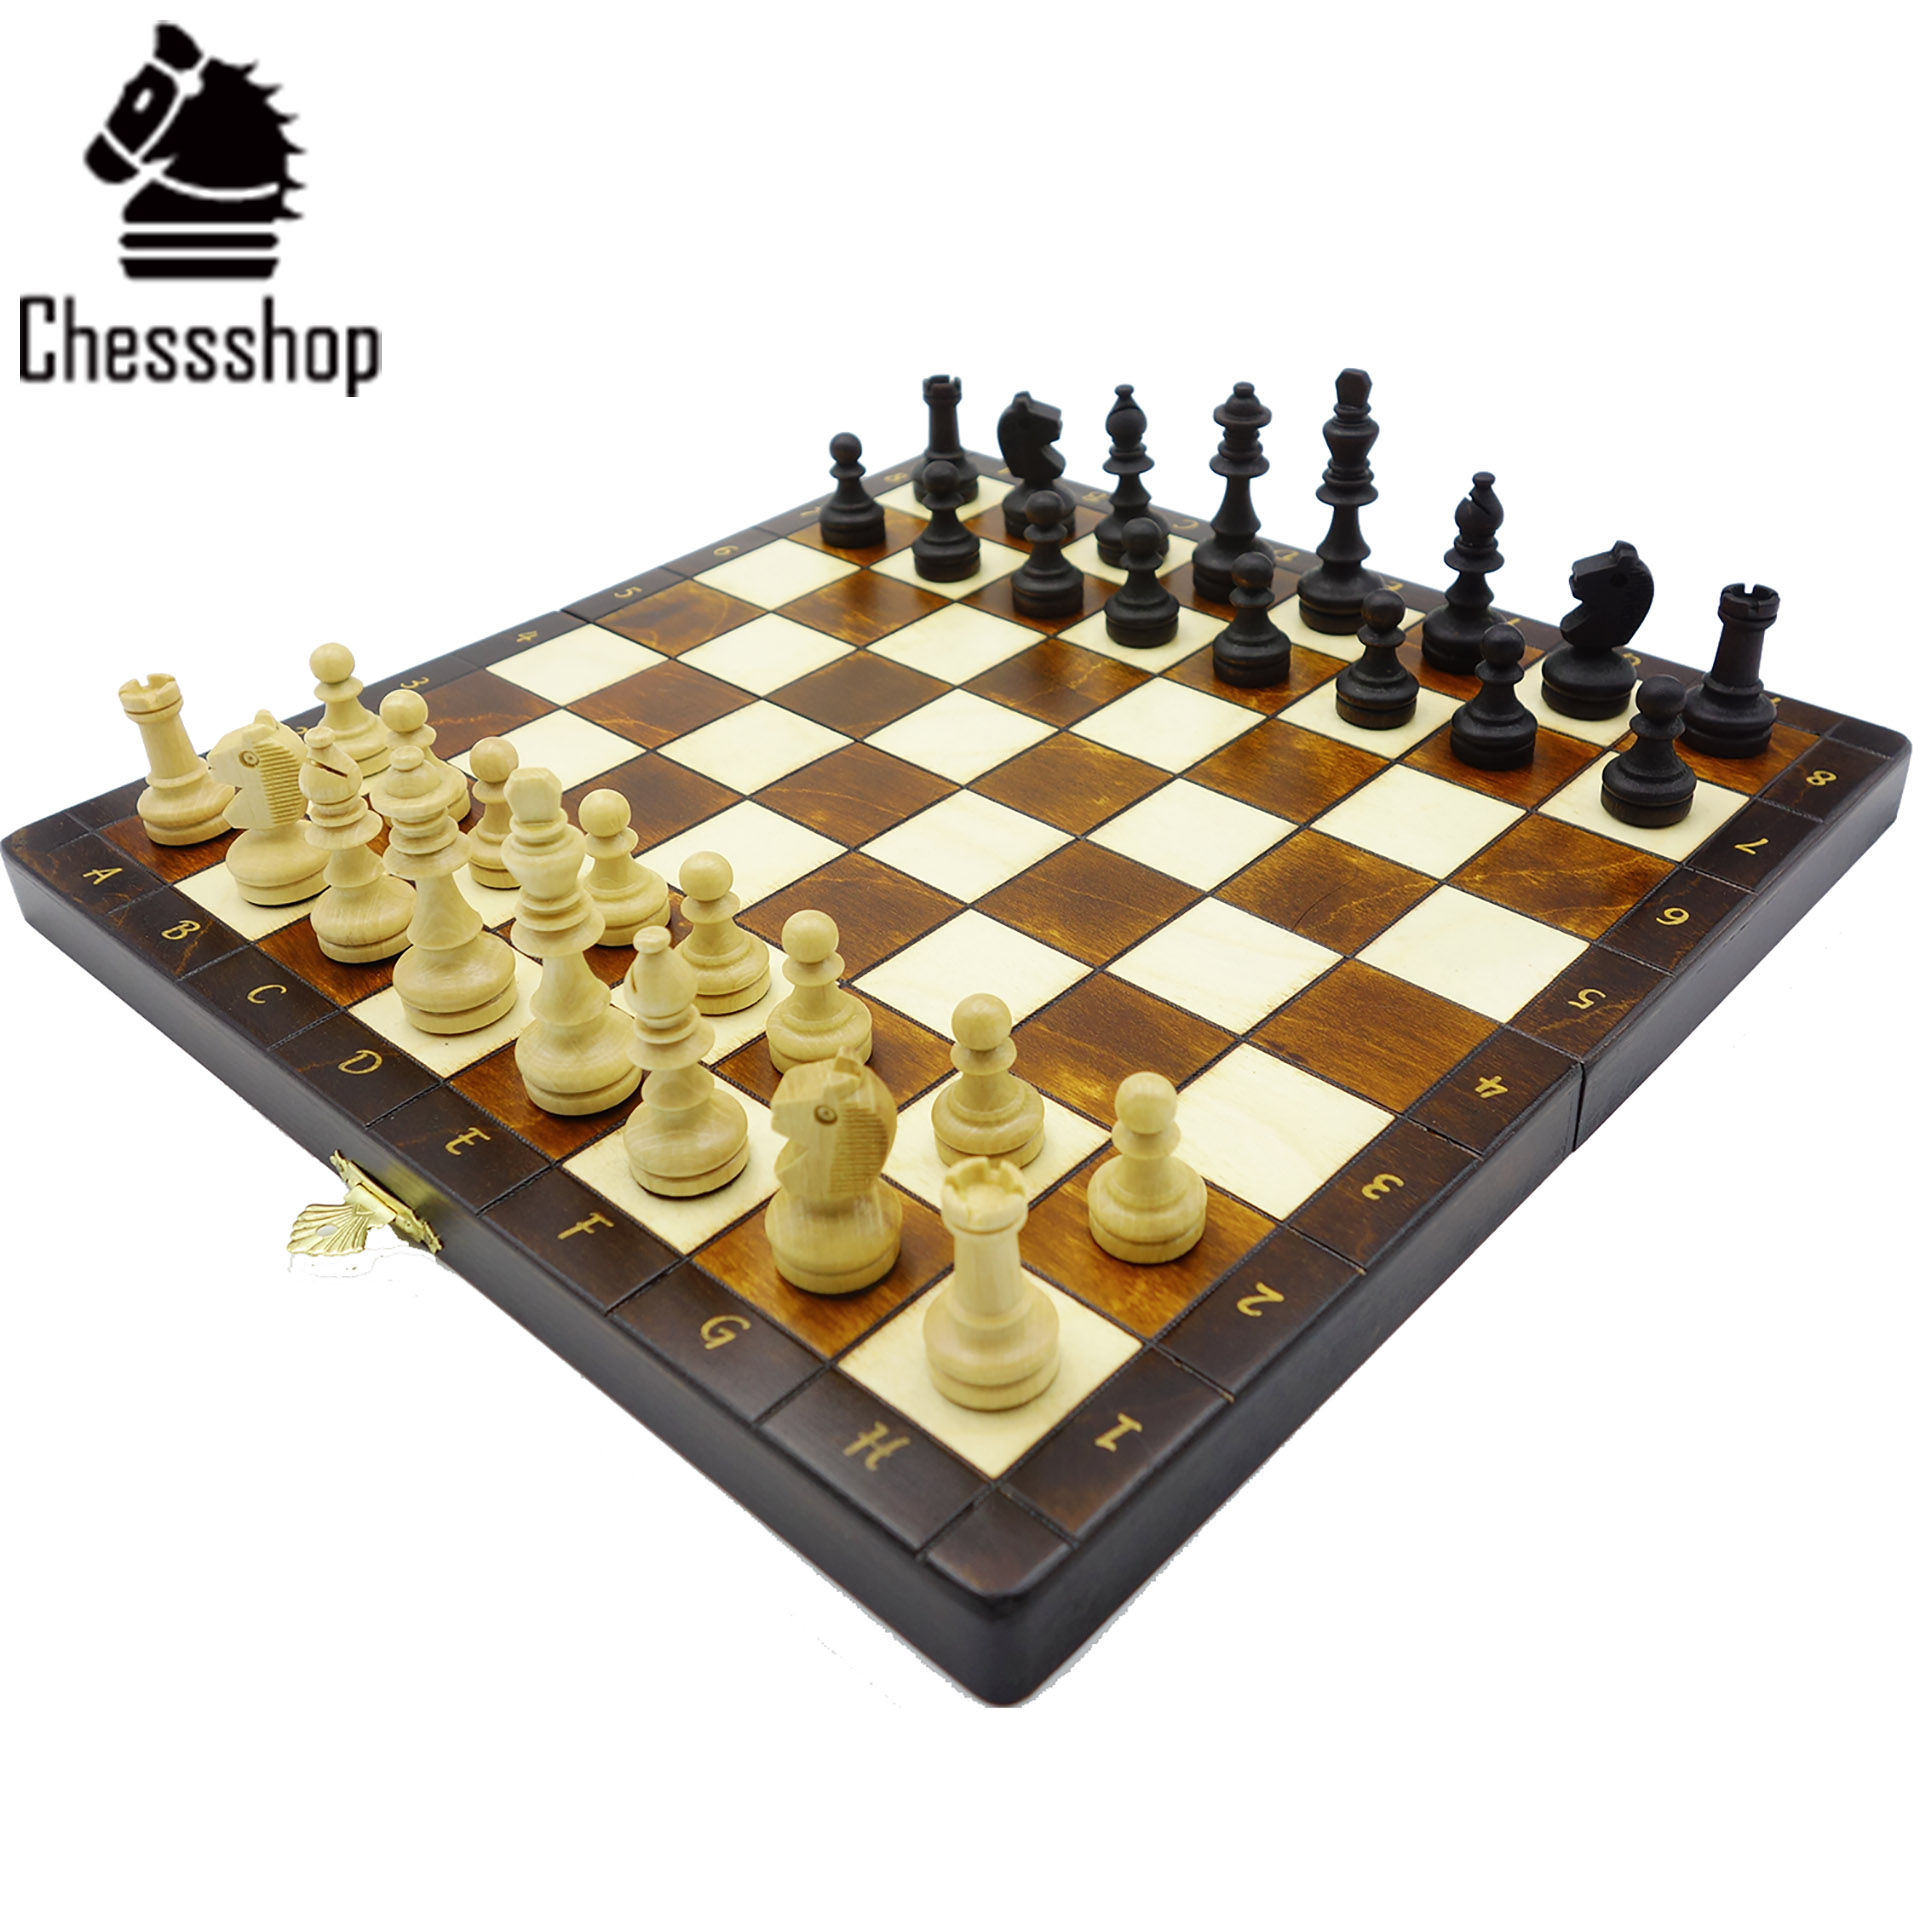 Chessshop волна портленд импорт дерево ручной работы портативный ребенок сложить магнитный шахматы этот суп дейтон